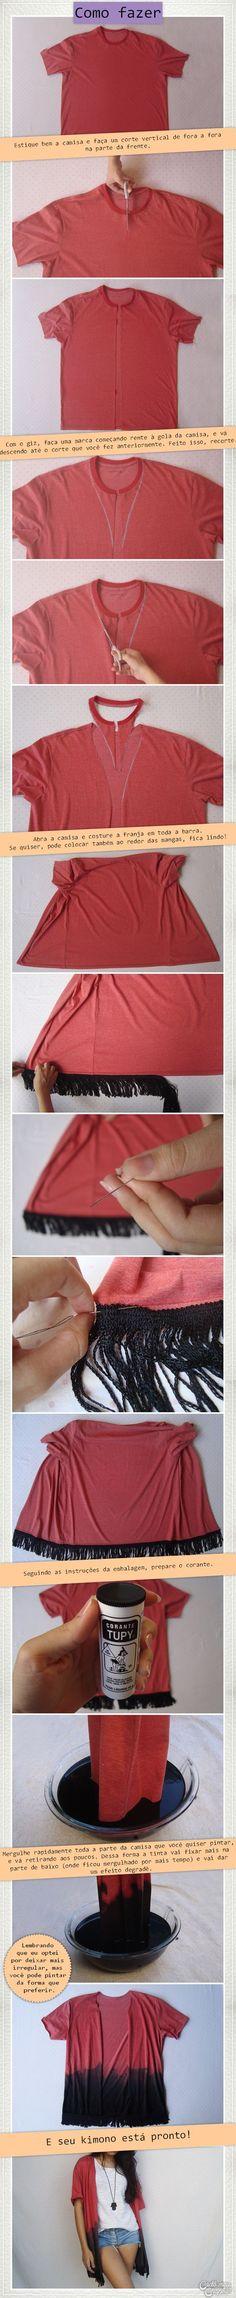 DIY Kimono fashion This is awesome Kimono Fashion, Diy Fashion, Ideias Fashion, Fashion Check, Fashion Ideas, Trendy Fashion, Fashion Trends, Diy Clothing, Sewing Clothes